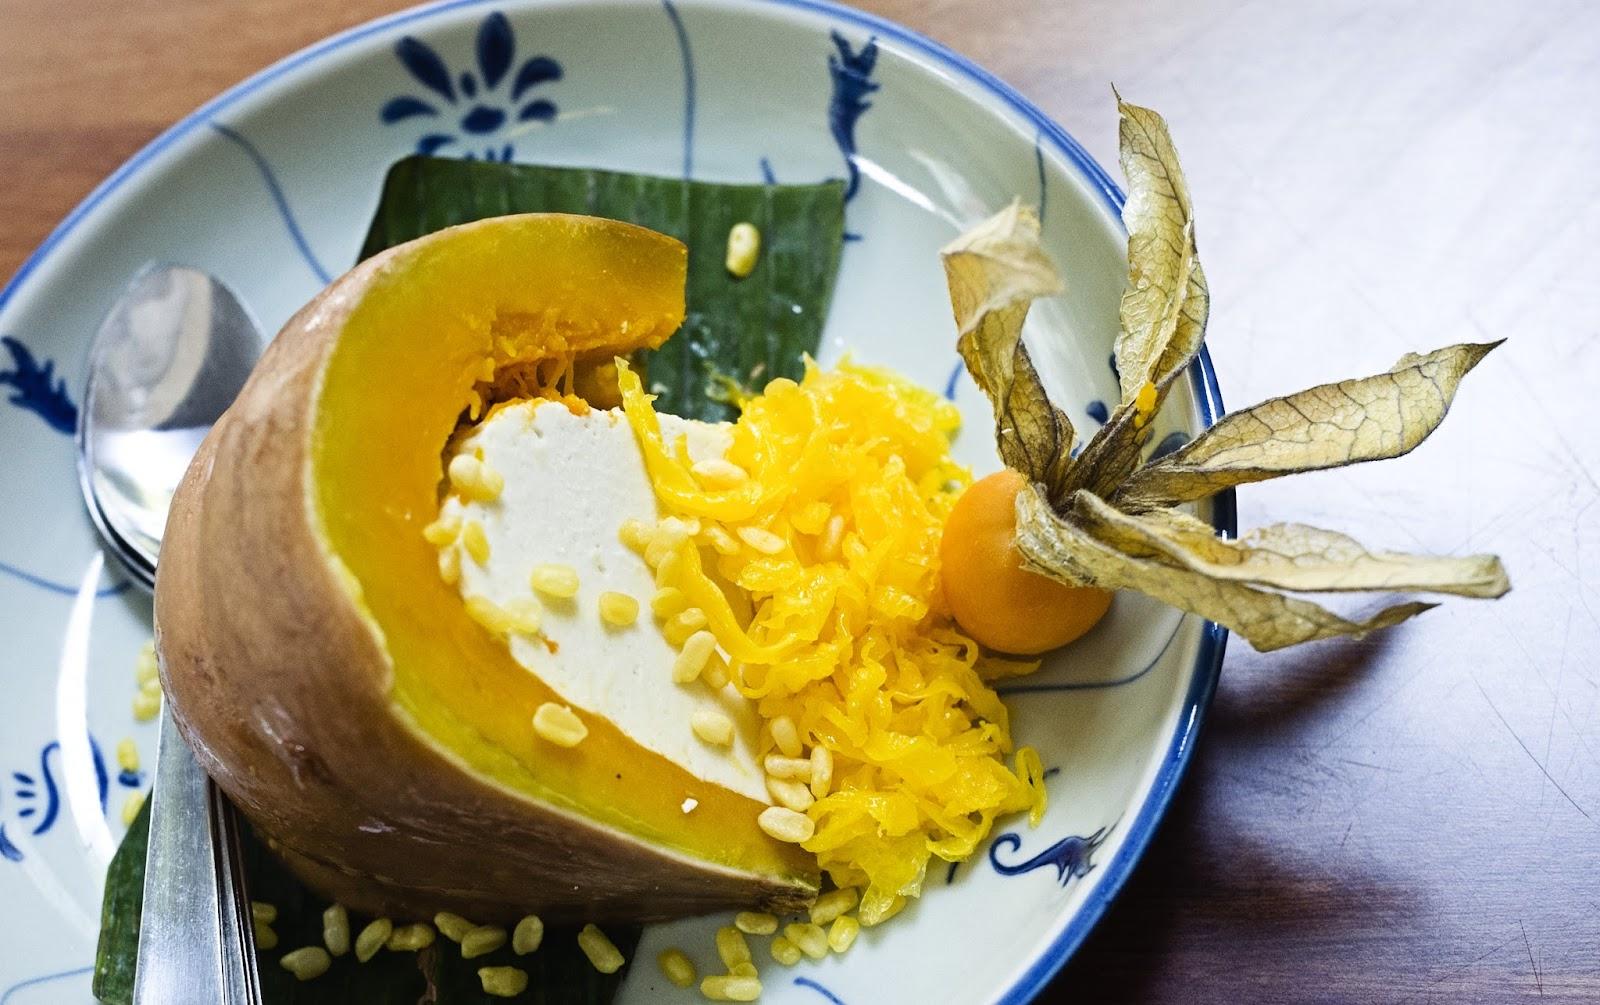 f-pumpkin-L1090405.jpg